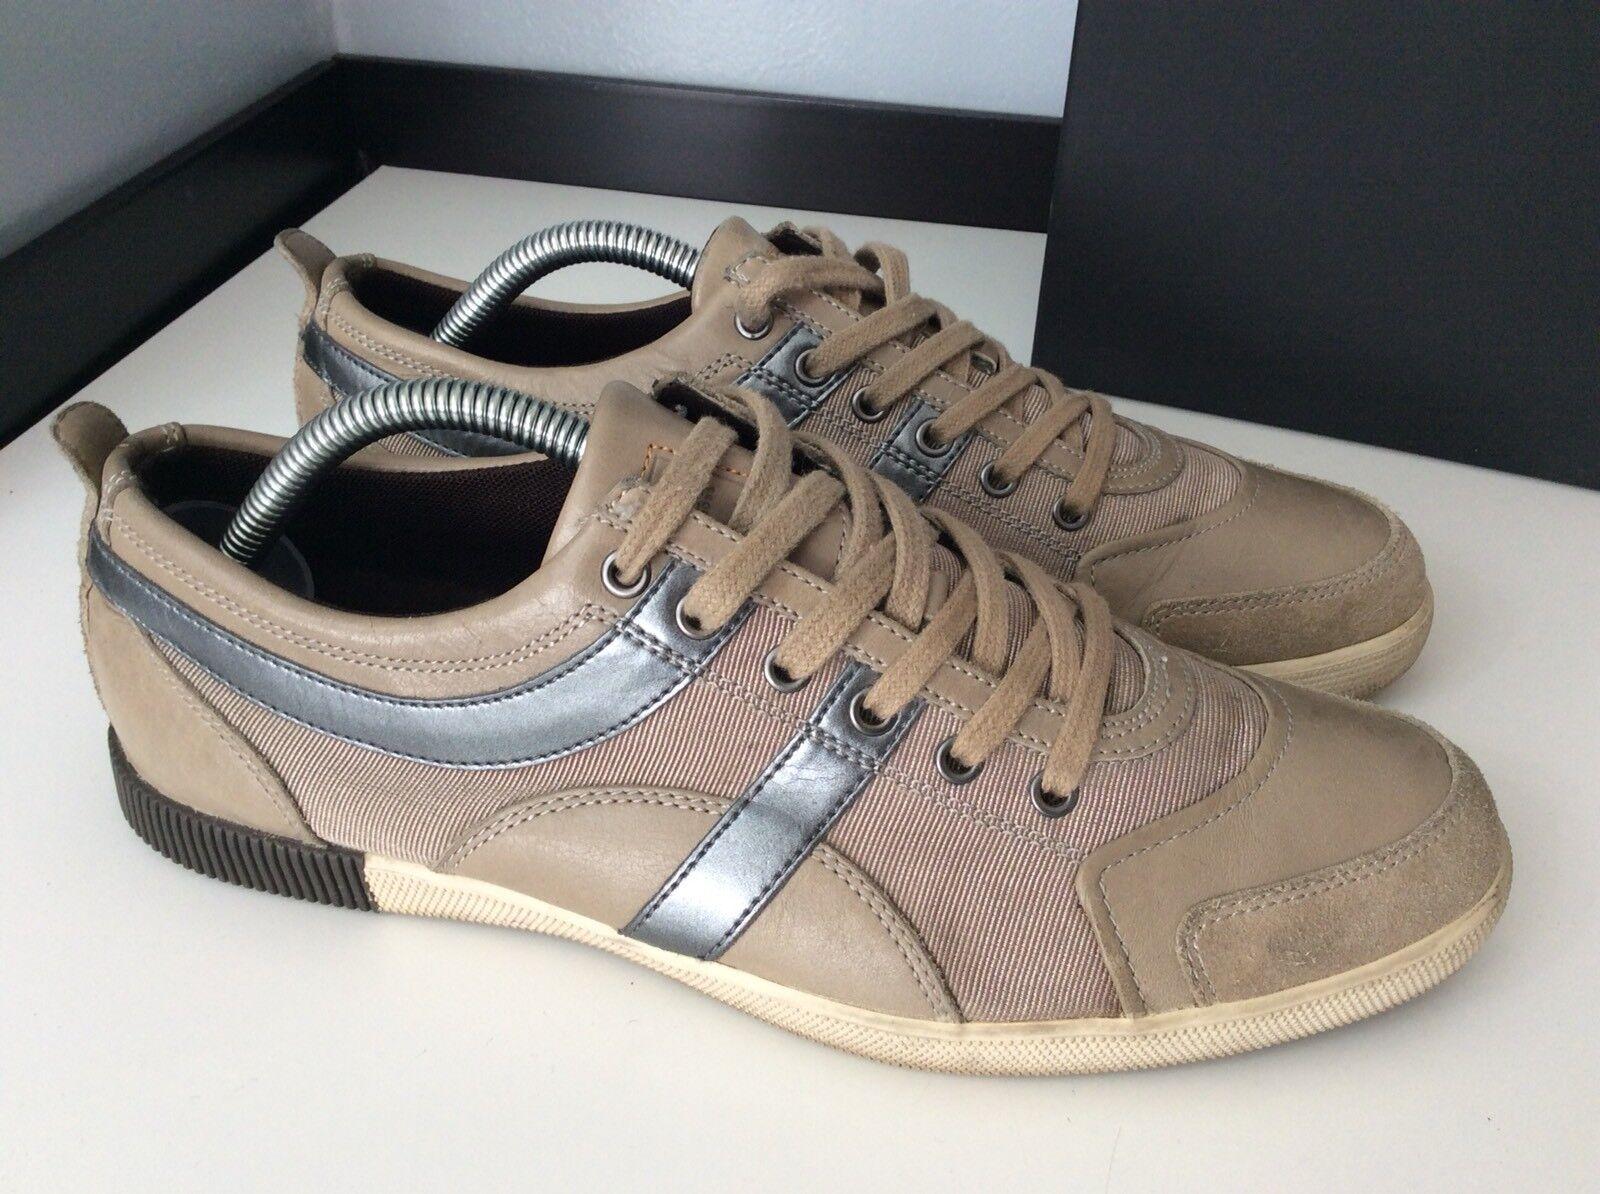 Hugo Boss Zapatillas zapatillas Talla 41 Reino Unido 7 en muy buena condición en caja